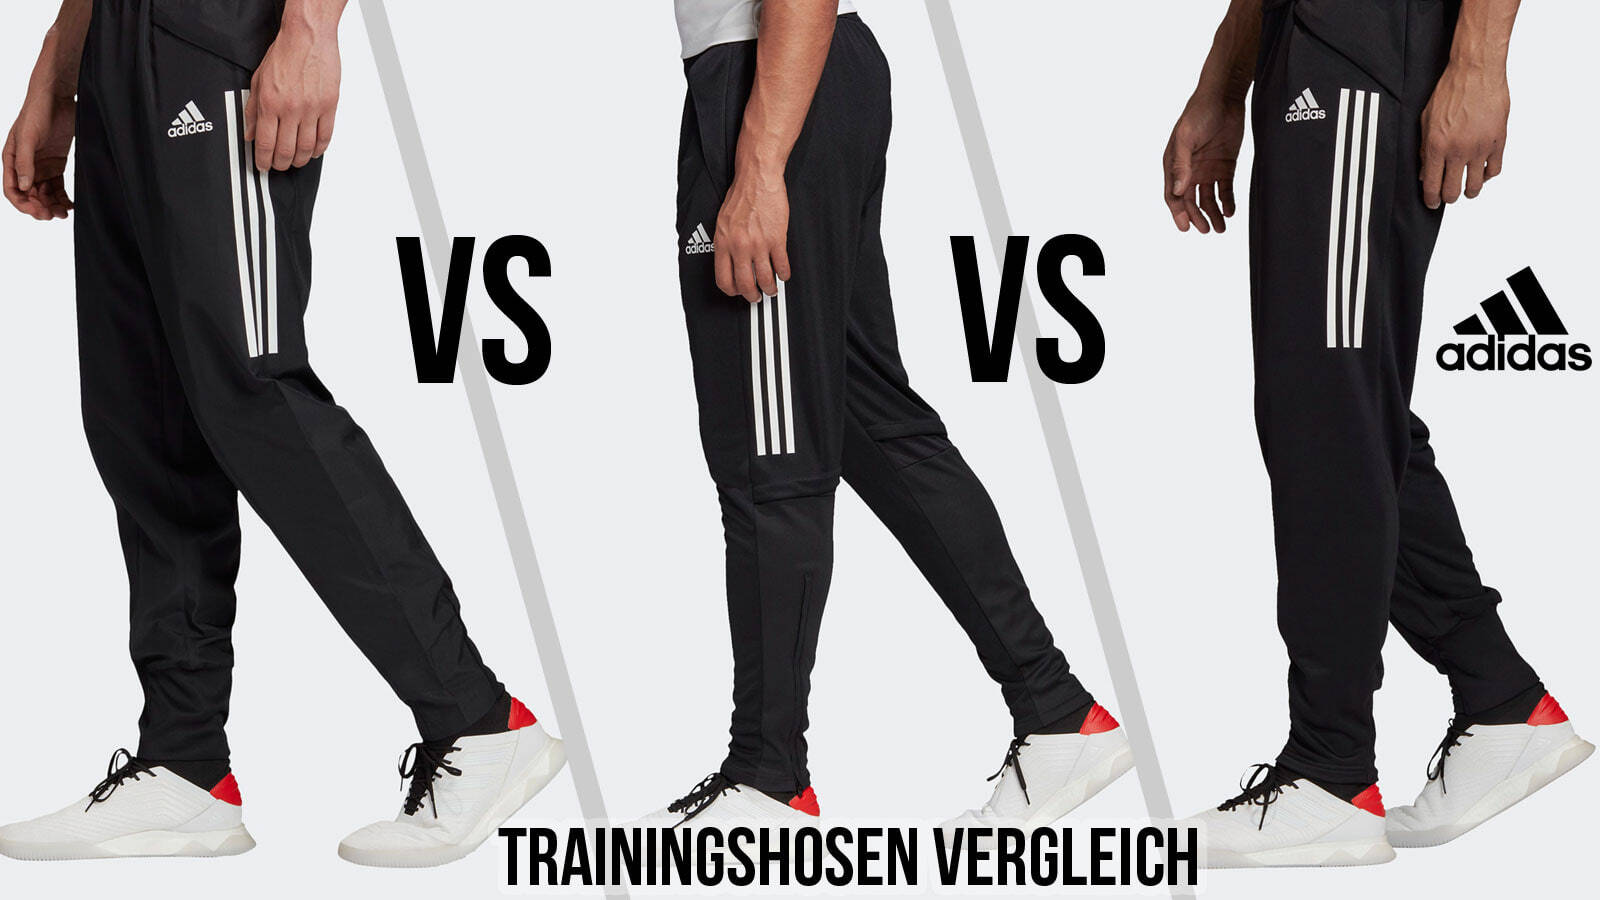 Die adidas Trainingshosen Unterschiede der Condivo 20 Linie